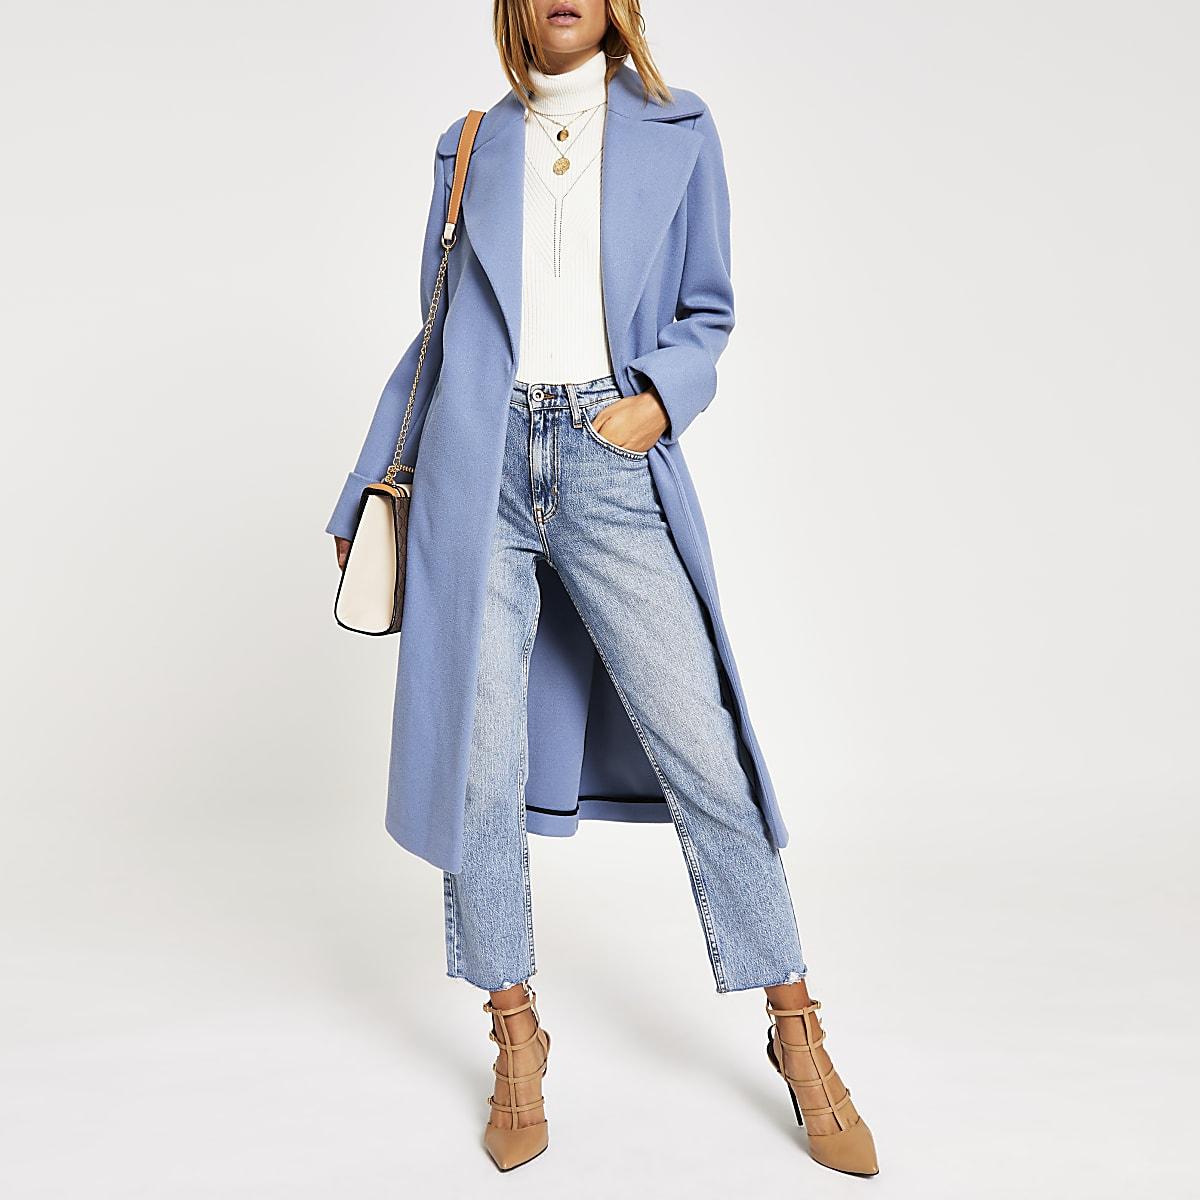 Manteau long bleu clair